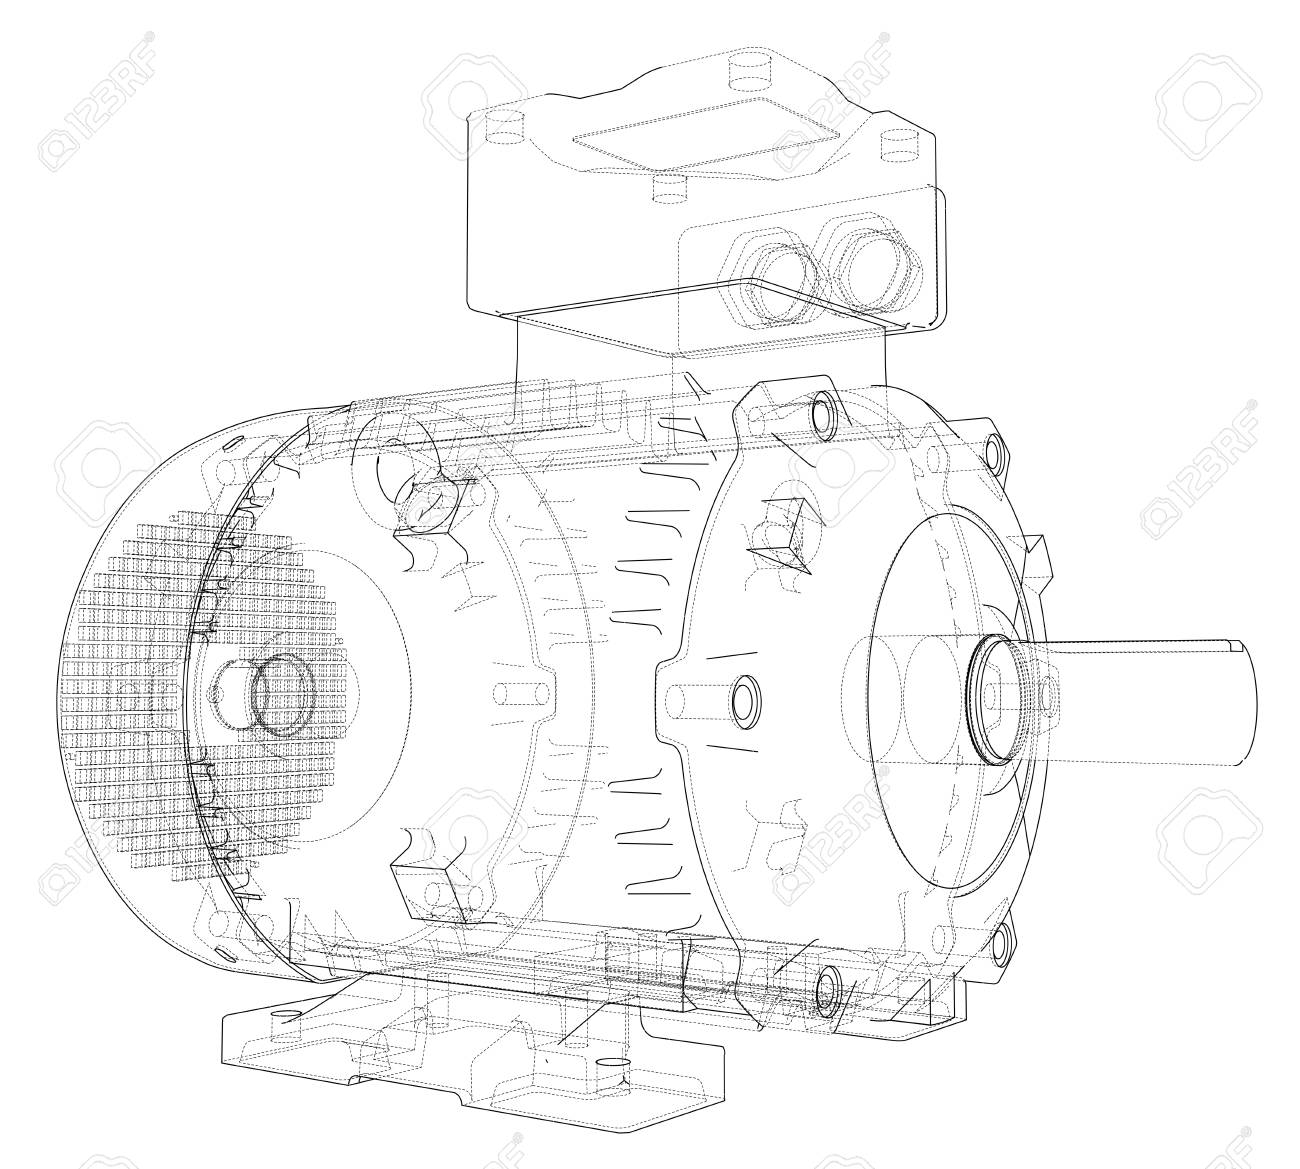 Electric motor outline. 3d illustration - 112921245